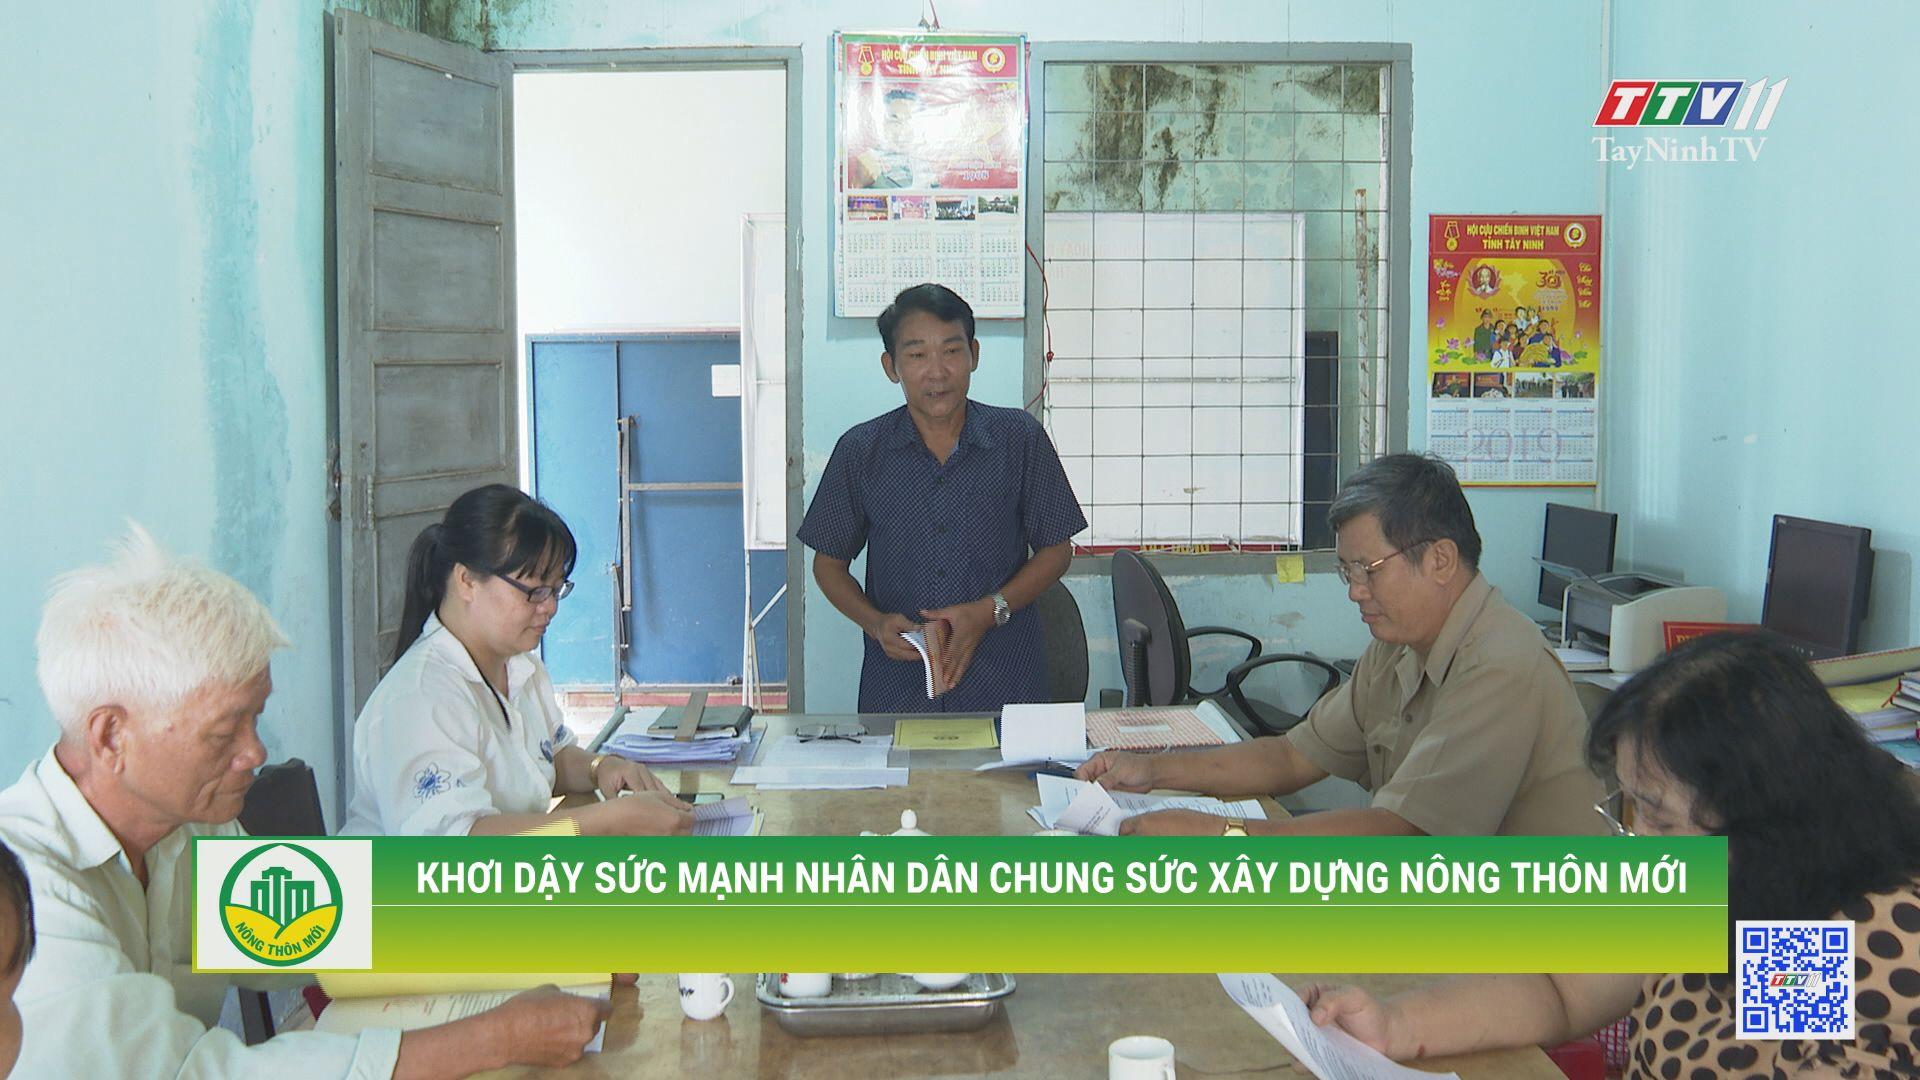 Khơi dậy sức mạnh nhân dân chung sức xây dựng nông thôn mới | TÂY NINH XÂY DỰNG NÔNG THÔN MỚI | TayNinhTV